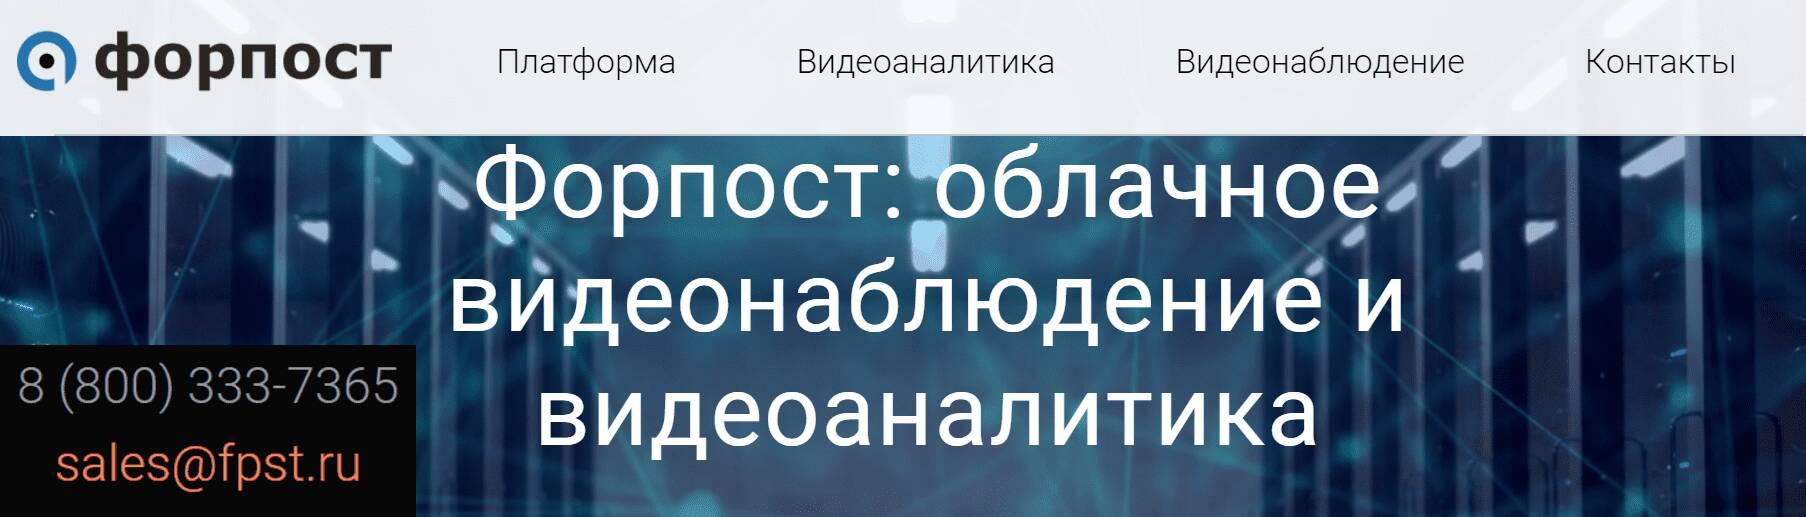 Официальный сайт облачной платформы «Форпост»